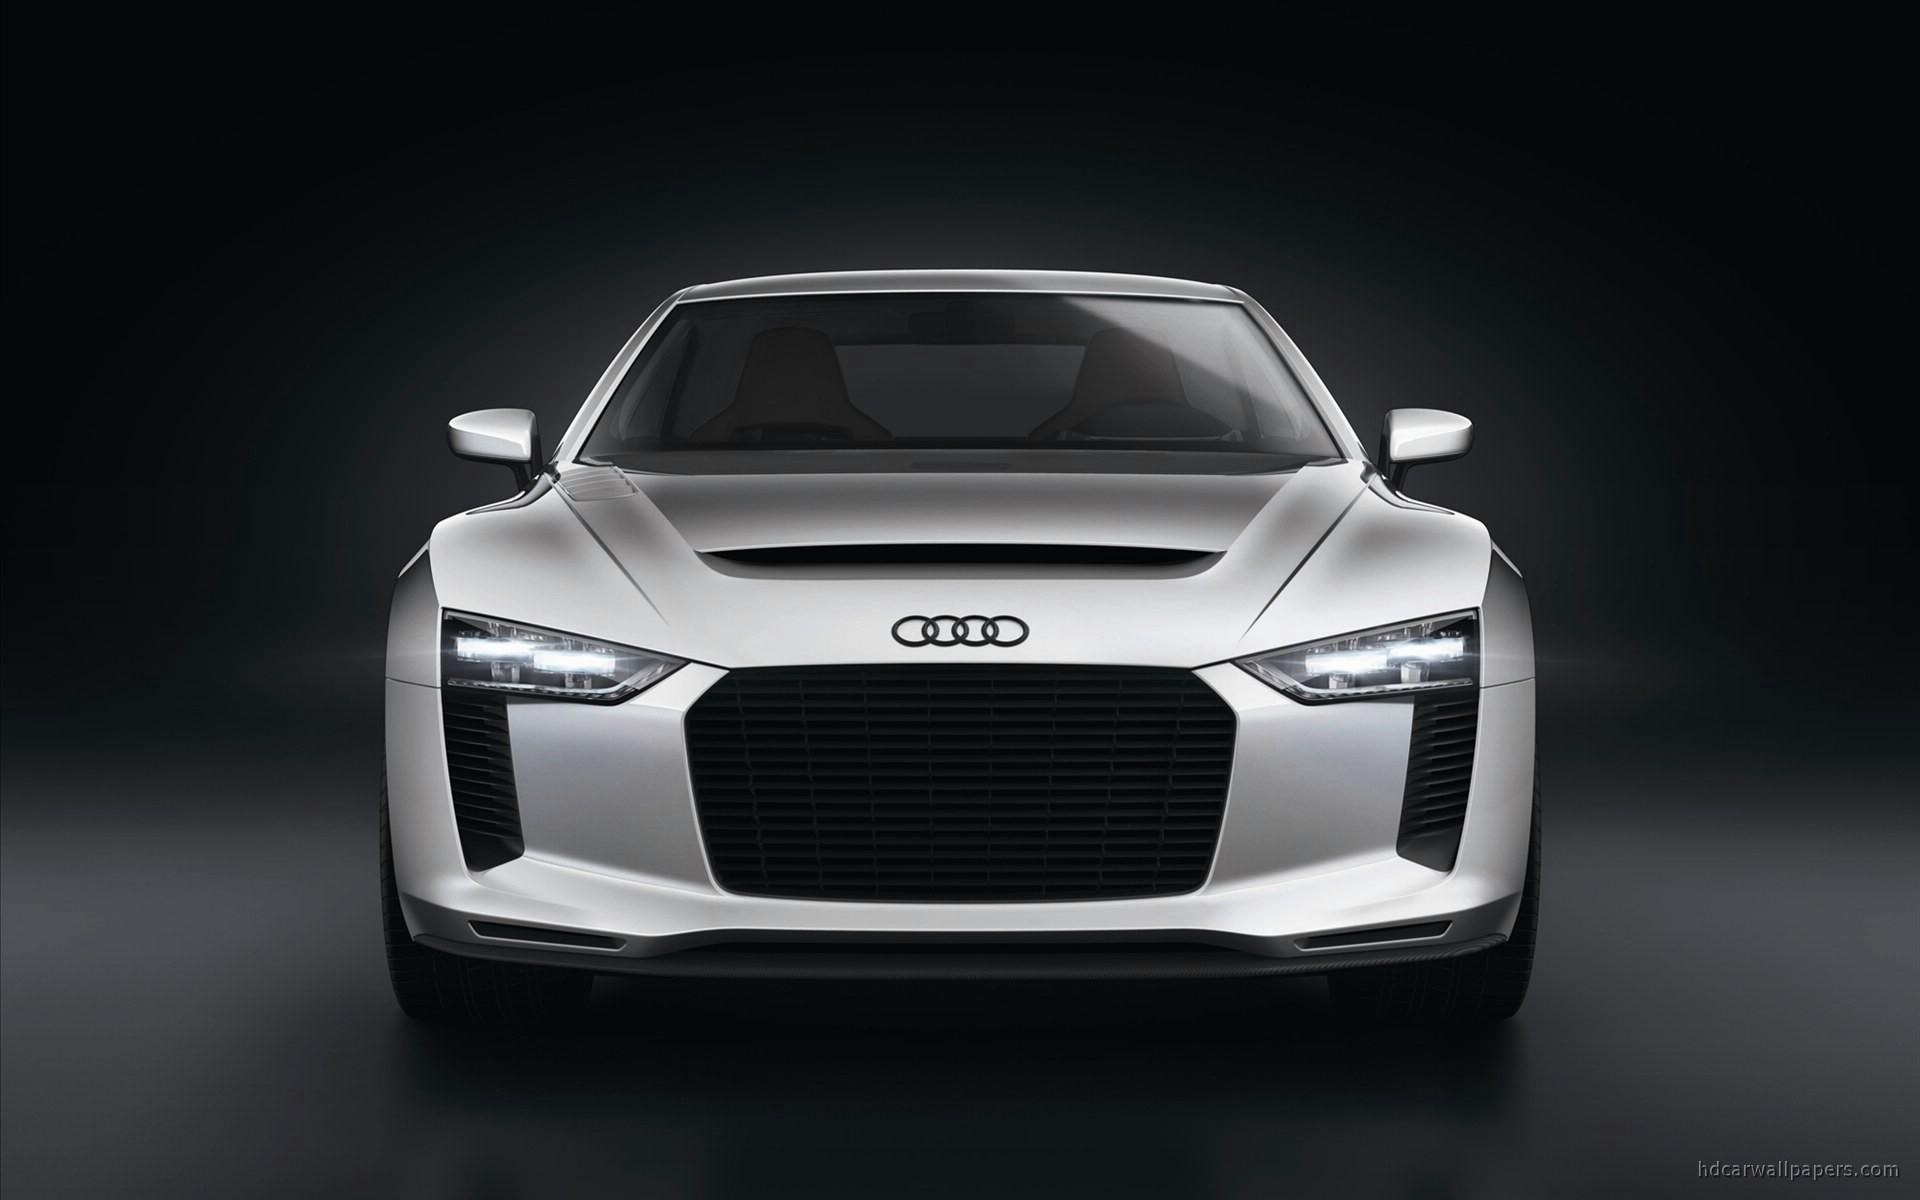 Audi Quattro Concept 2010 Wallpaper   HD Car Wallpapers